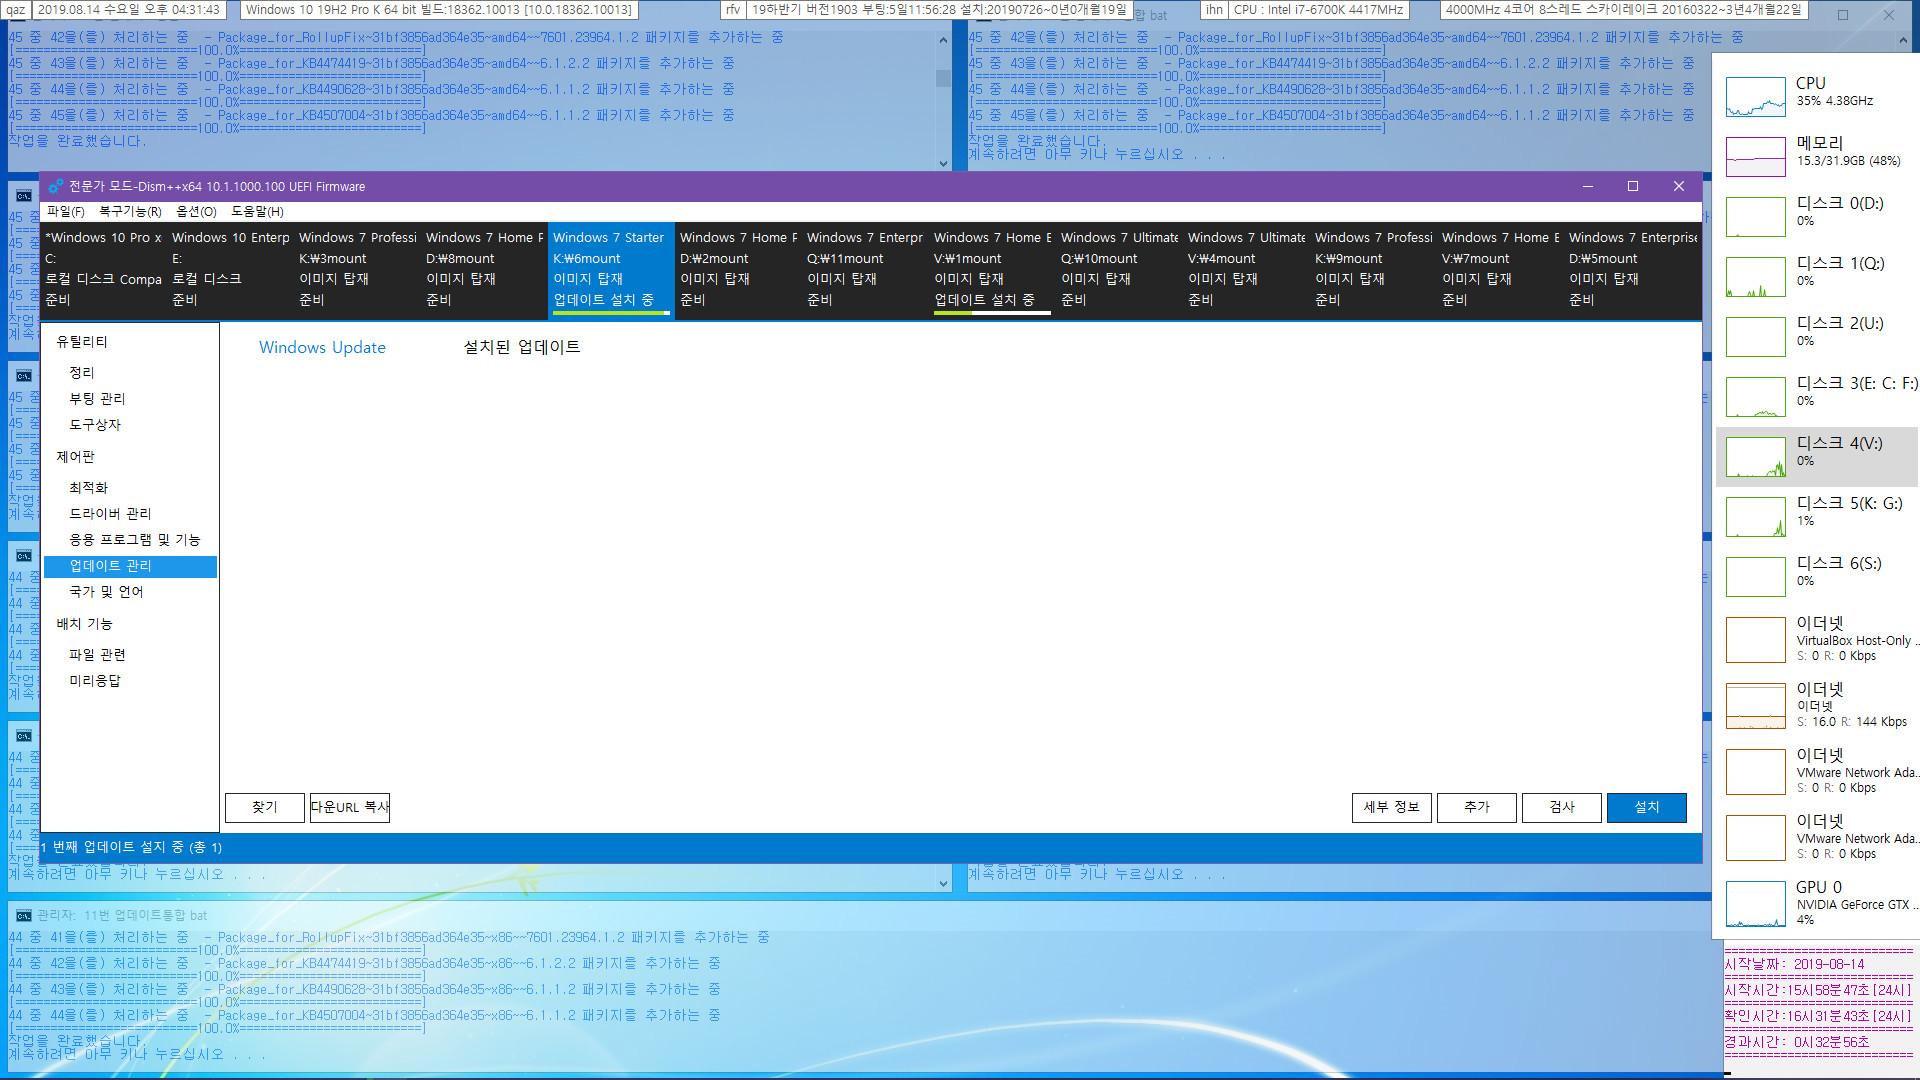 2019-08-14 정기 업데이트 나왔네요 -  Windows 7 롤업 업데이트 KB4512506 (OS 빌드 7601.24511) [2019-08-13 일자] IE11 통합중 입니다 - 통합 에러 생기네요 - dism++ 으로 간신히 롤업 업데이트 통합 성공했습니다 2019-08-14_163143.jpg